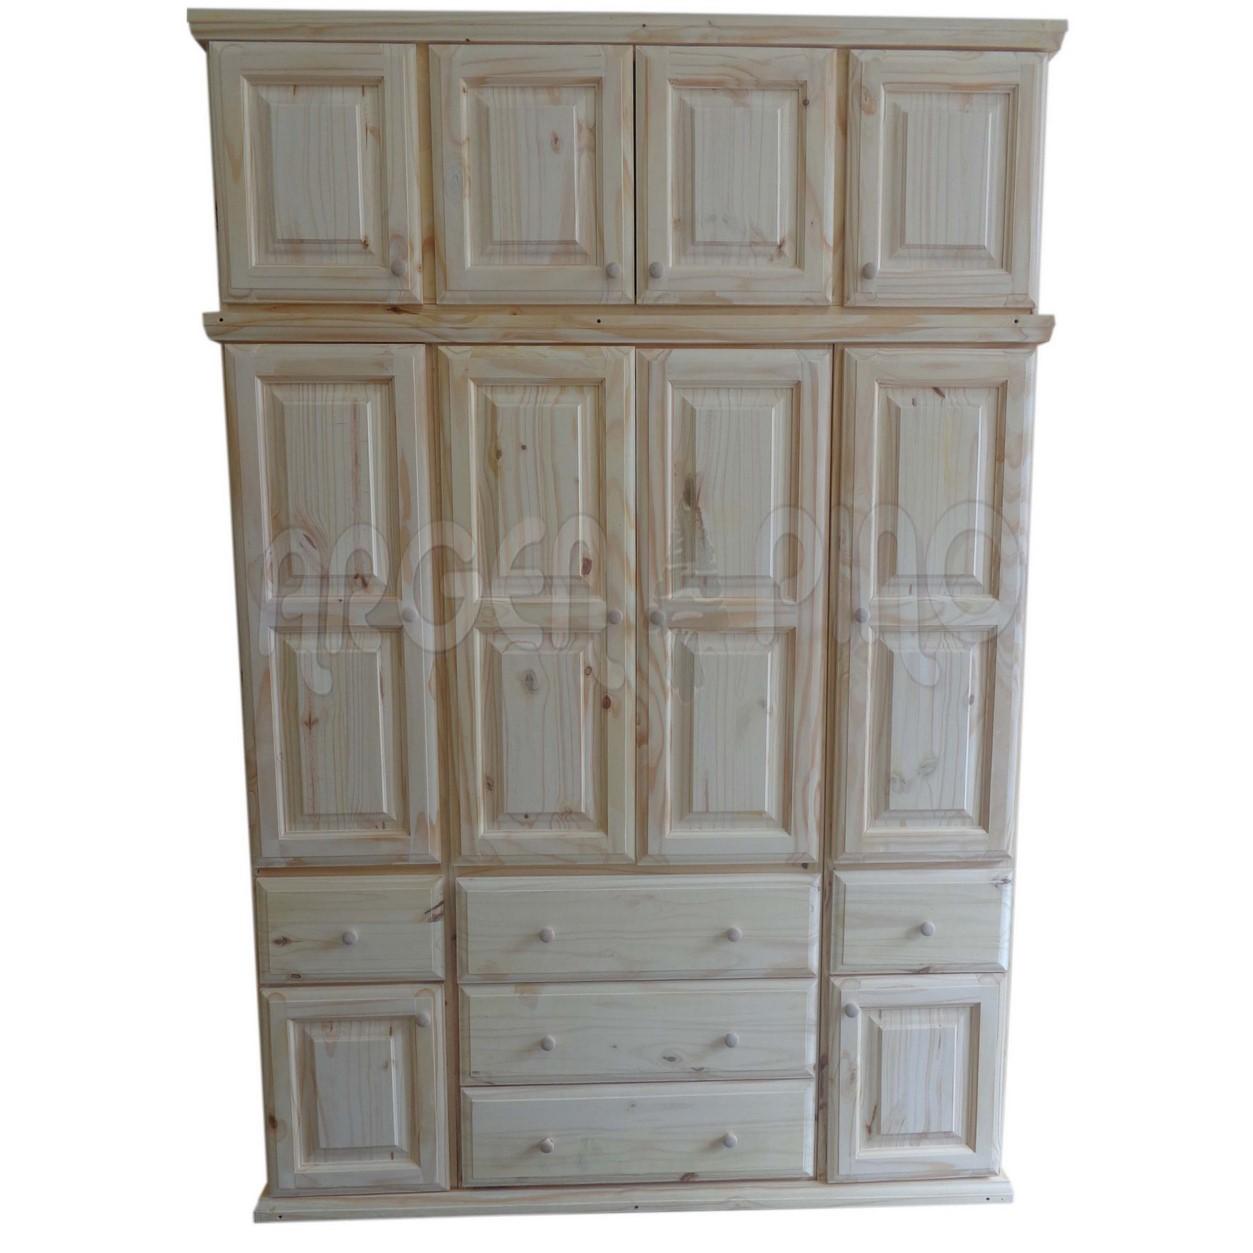 Luberto muebles de pino la plata obtenga ideas dise o de muebles para su hogar aqu - Muebles de pino baratos ...